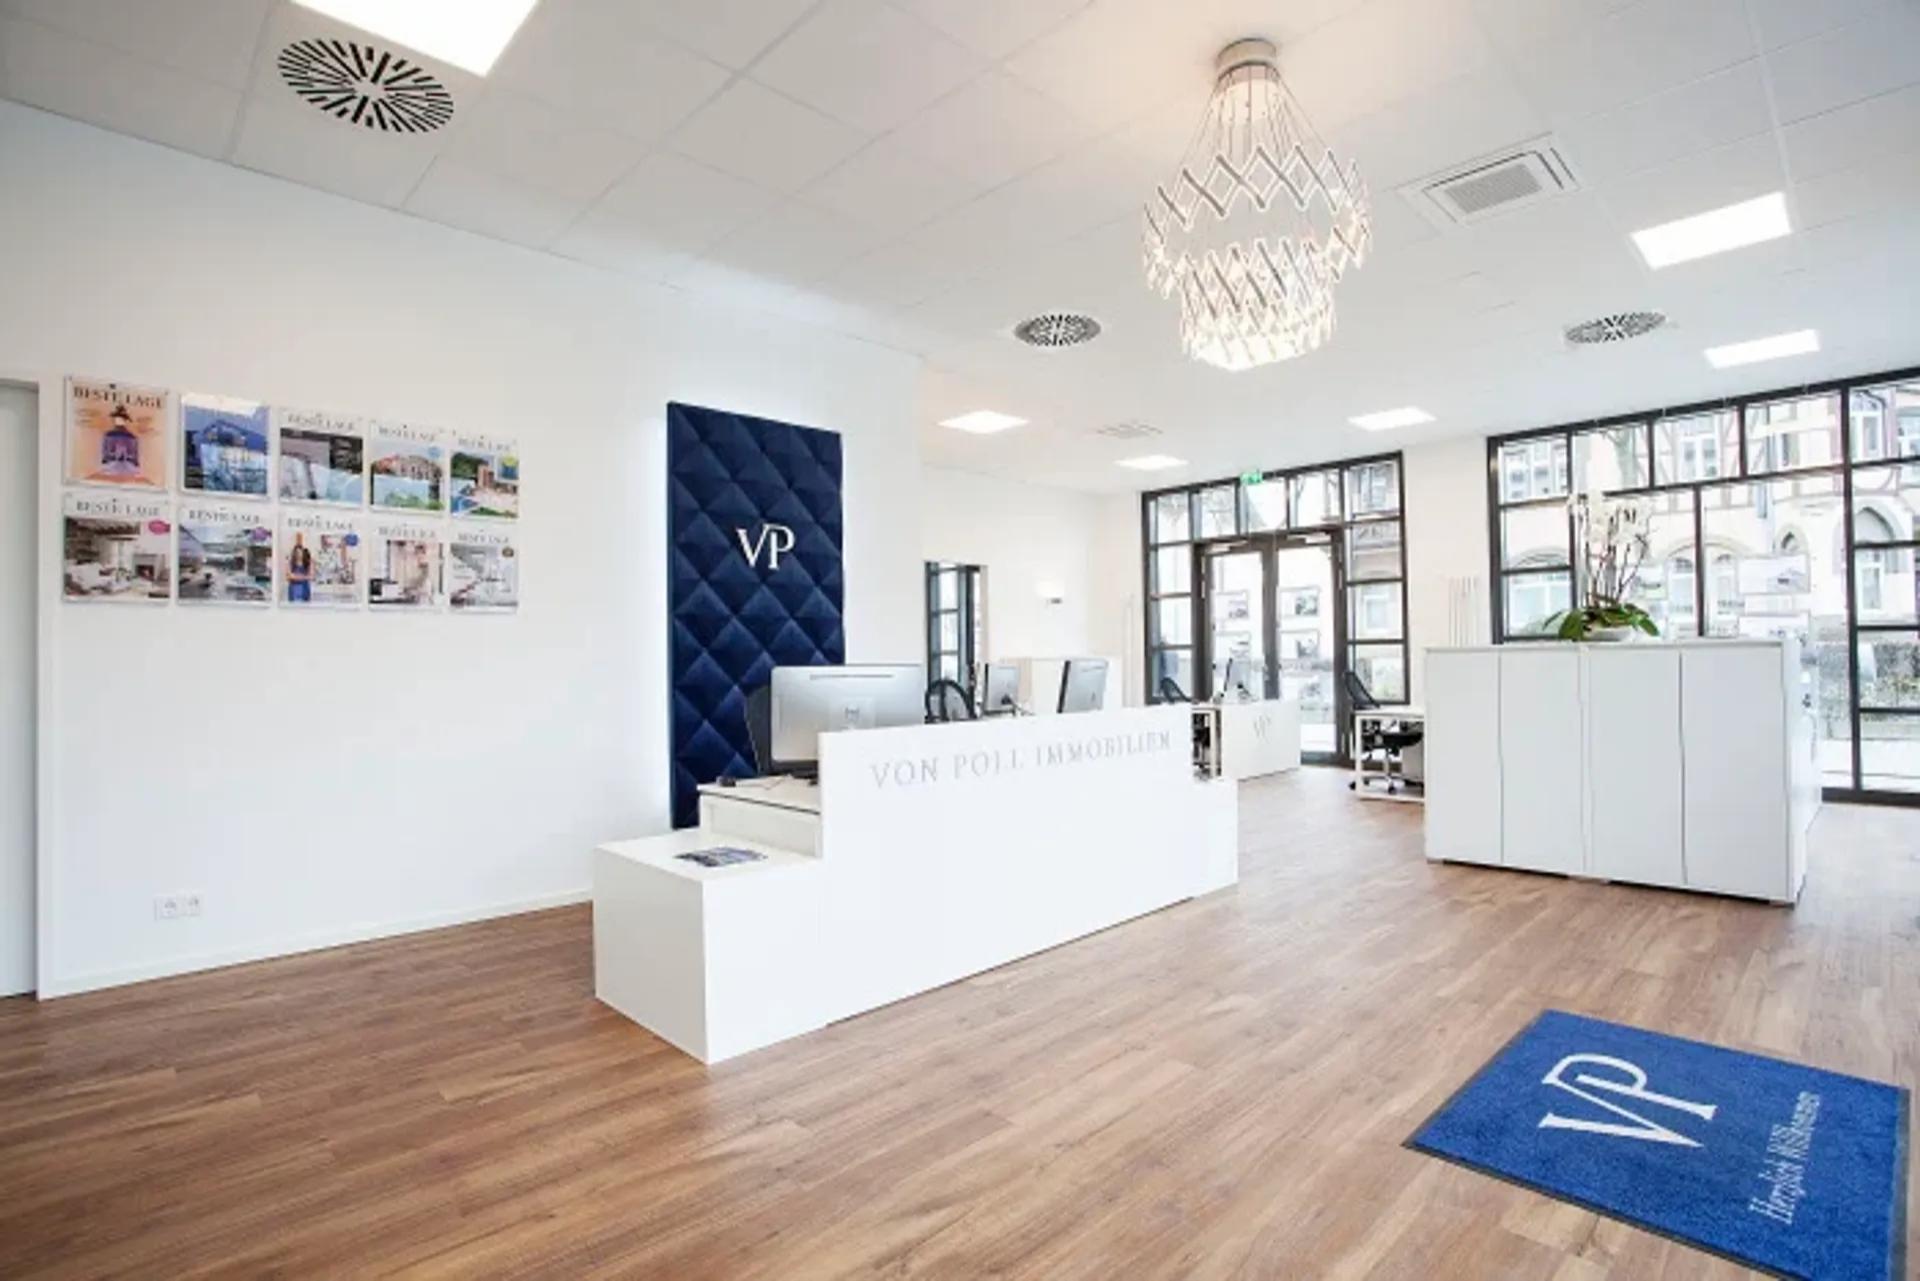 Capital Makler-Kompass 2020: VON POLL IMMOBILIEN mit 68 Standorten auf Platz 1